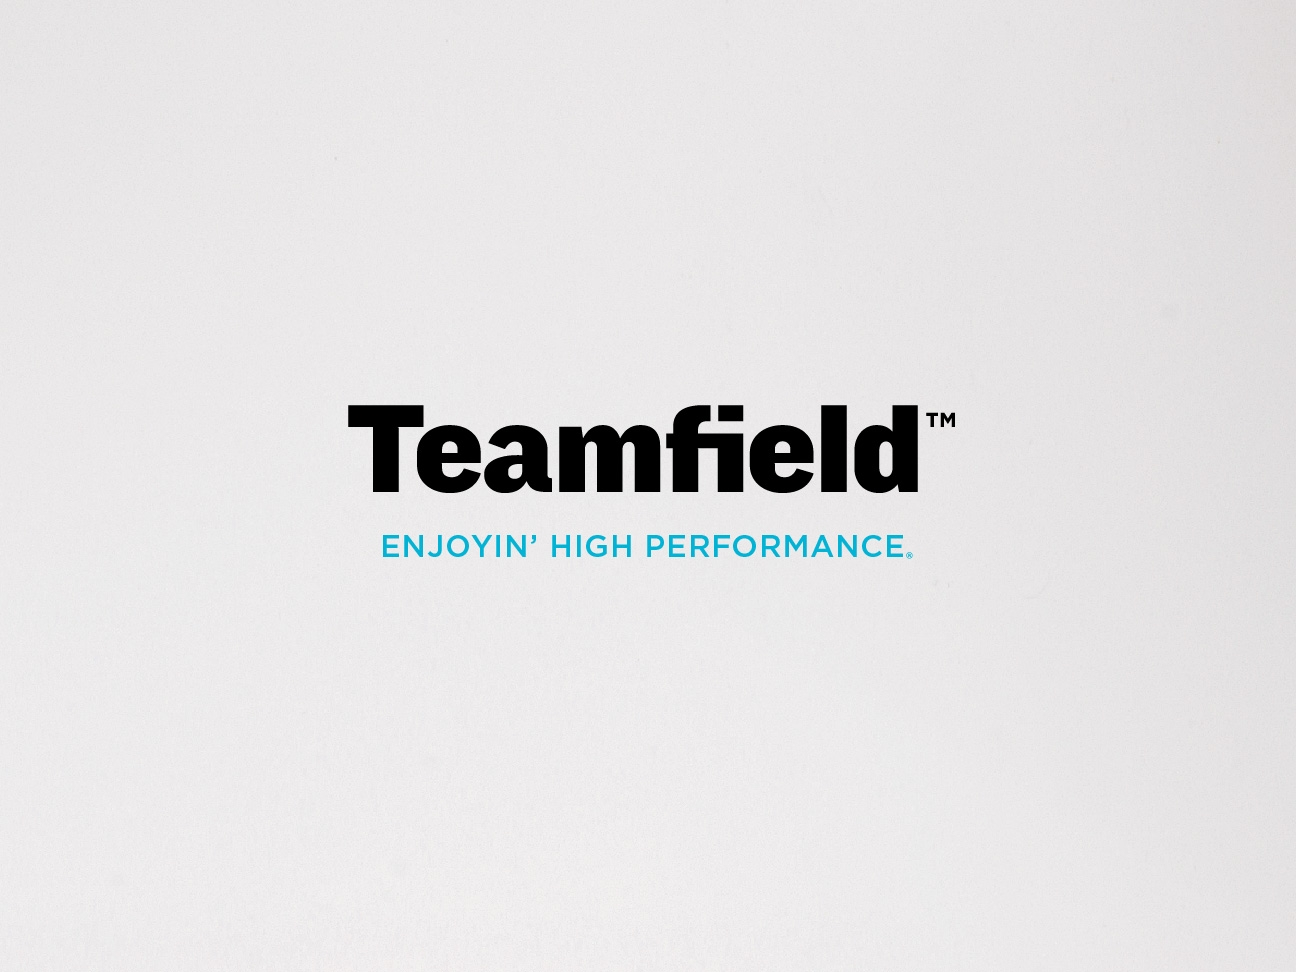 Naming. Diseño de marca para producto. Diseño de avatares para app deportiva.